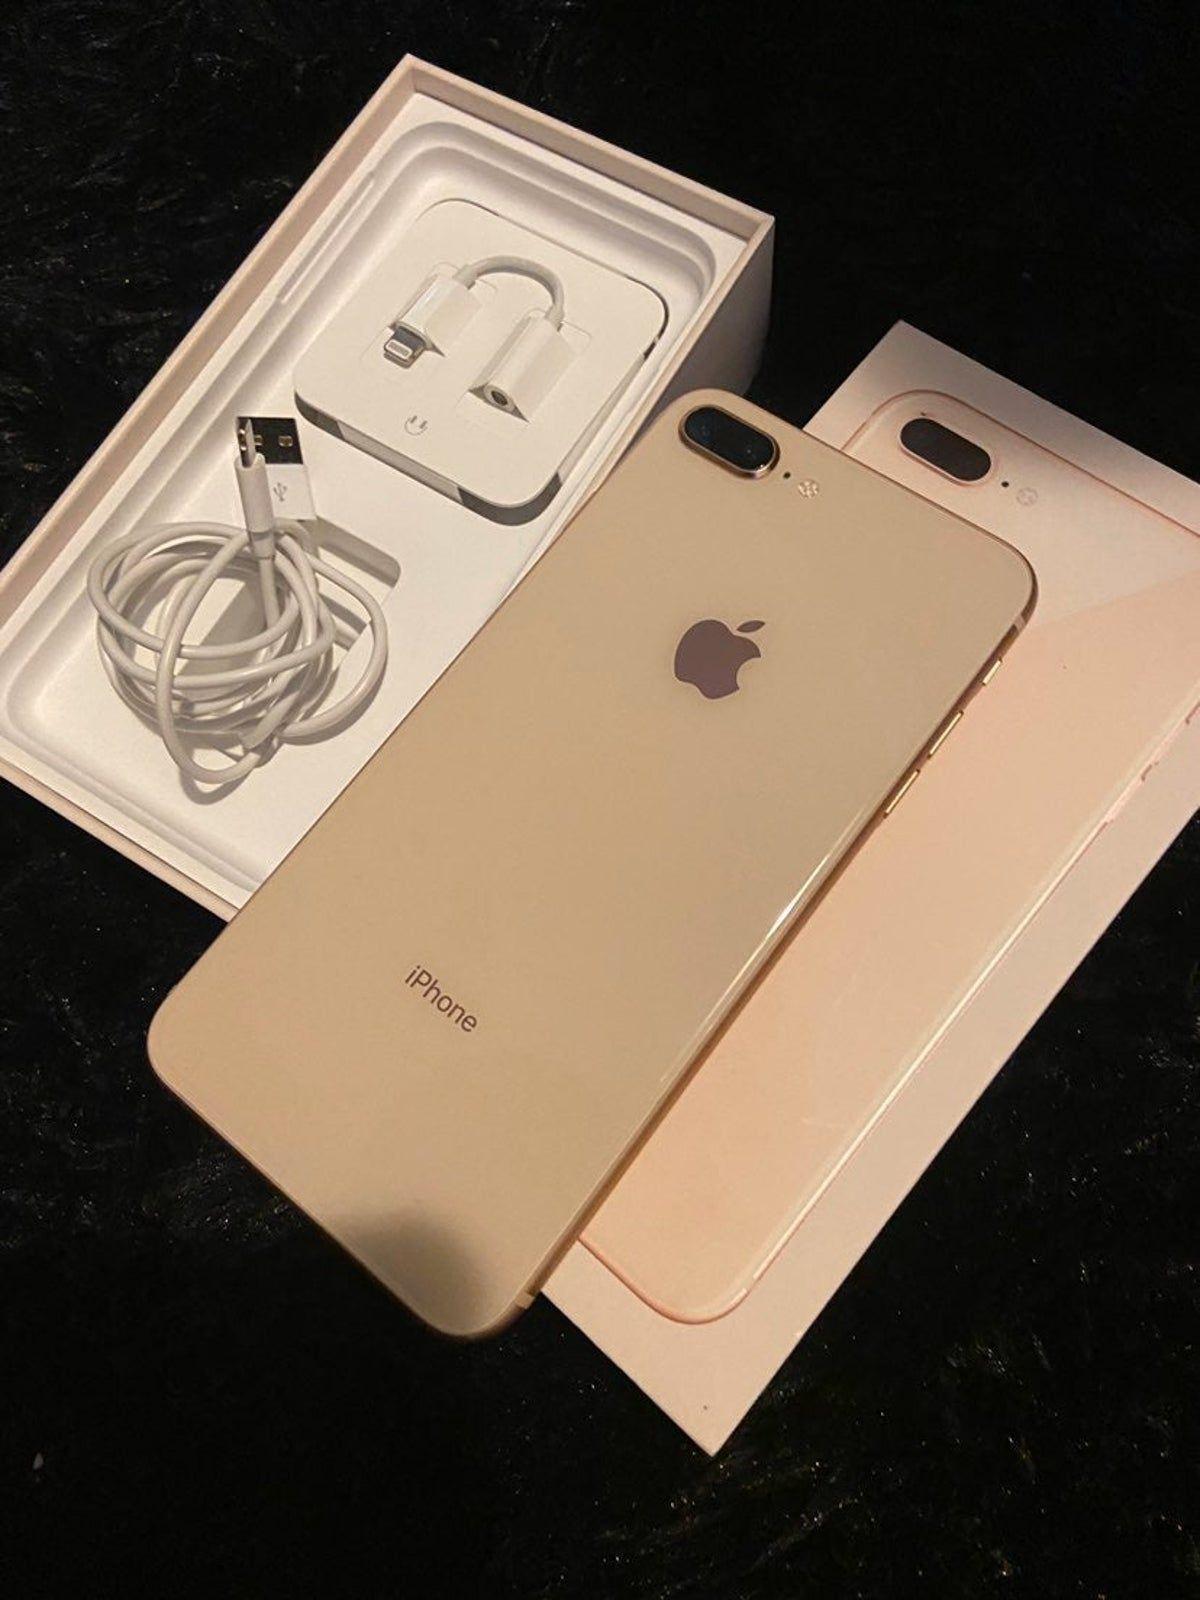 Iphone 8 Plus Gold 64 Gb Sprint In 2020 Iphone Iphone 8 Plus Apple Phone Case